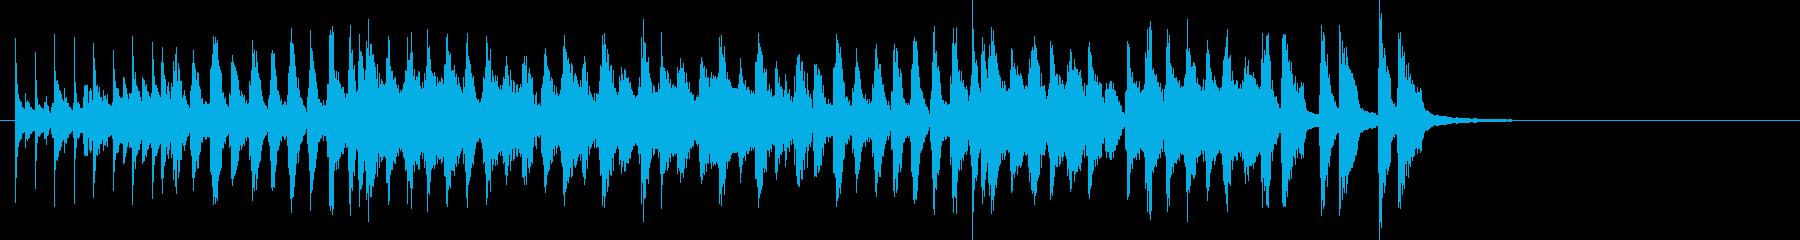 コミカルな和風ポップのジングルの再生済みの波形